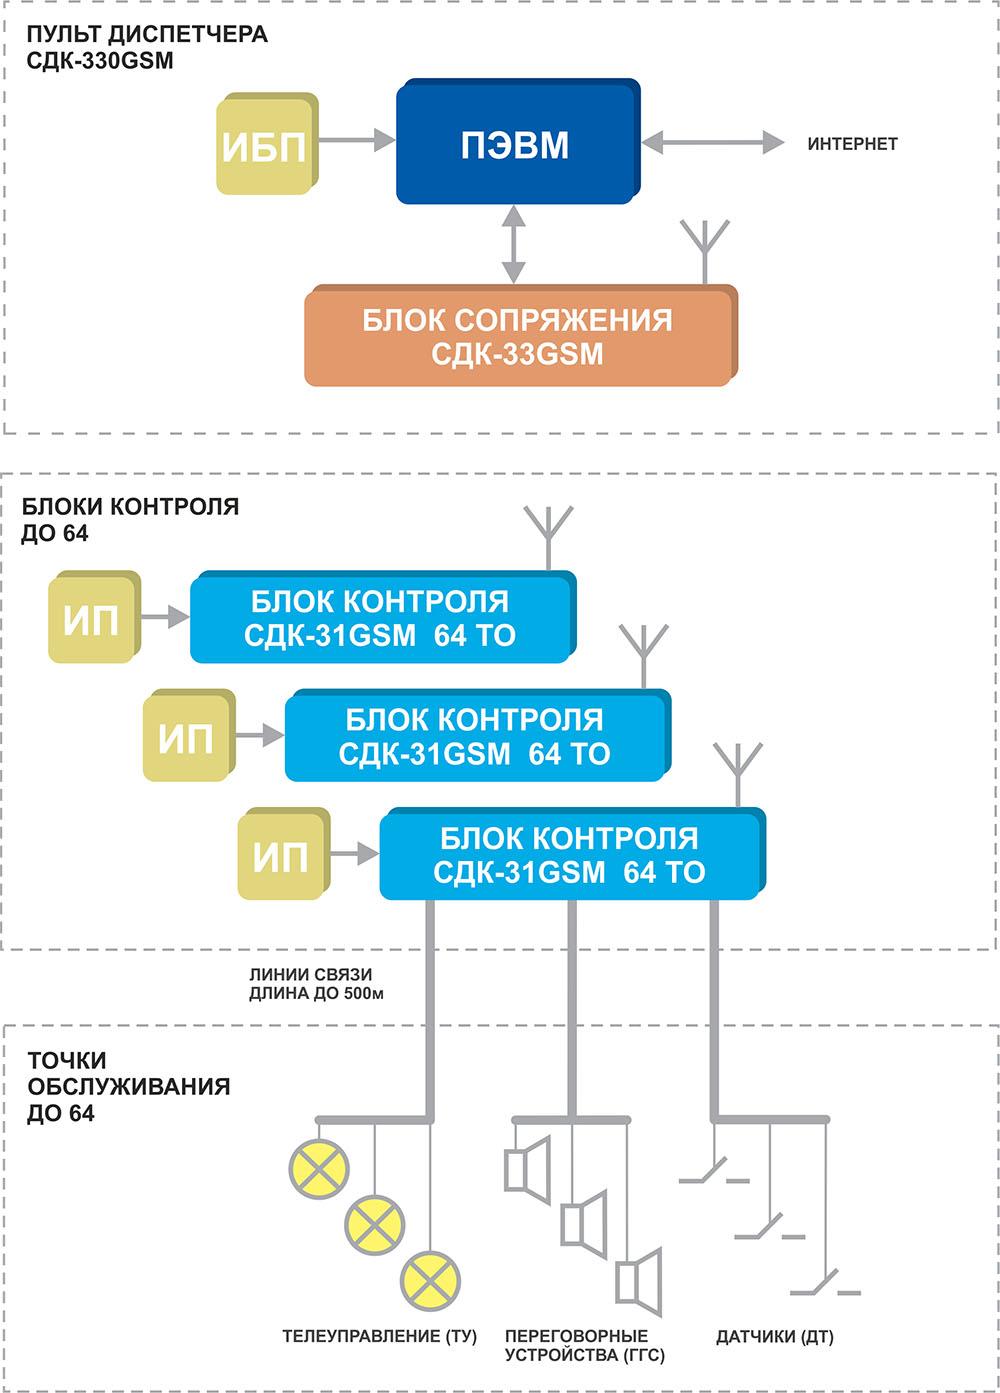 Структурная схема Кристалл-GSM